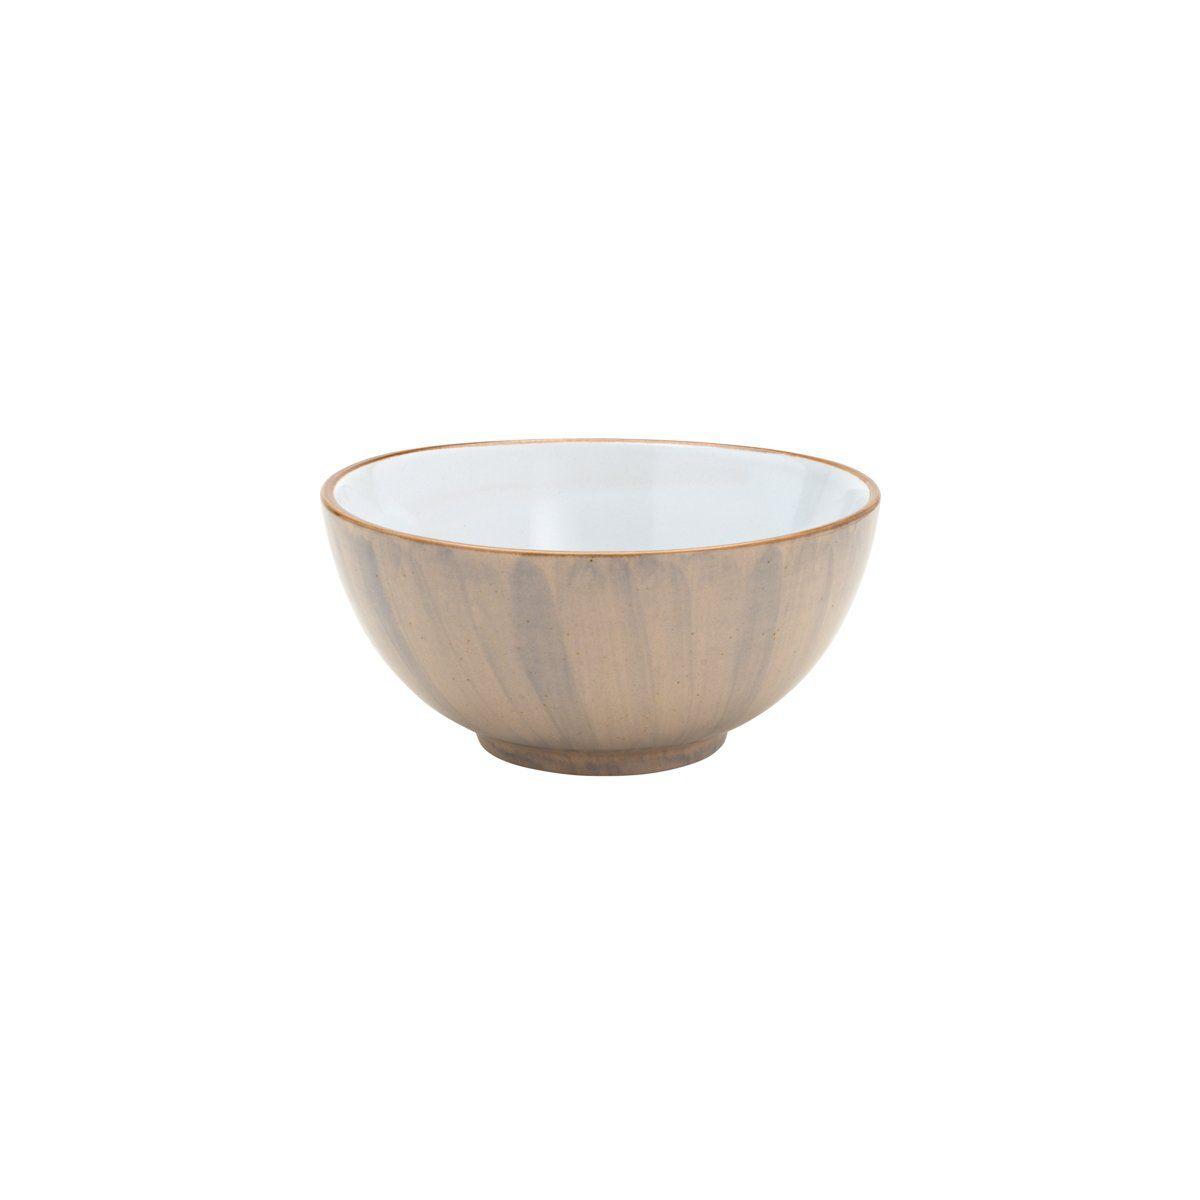 Jogo 4 bowls 14 cm para sobremesa de porcelana bege Watercolor Bon Gourmet - C26496